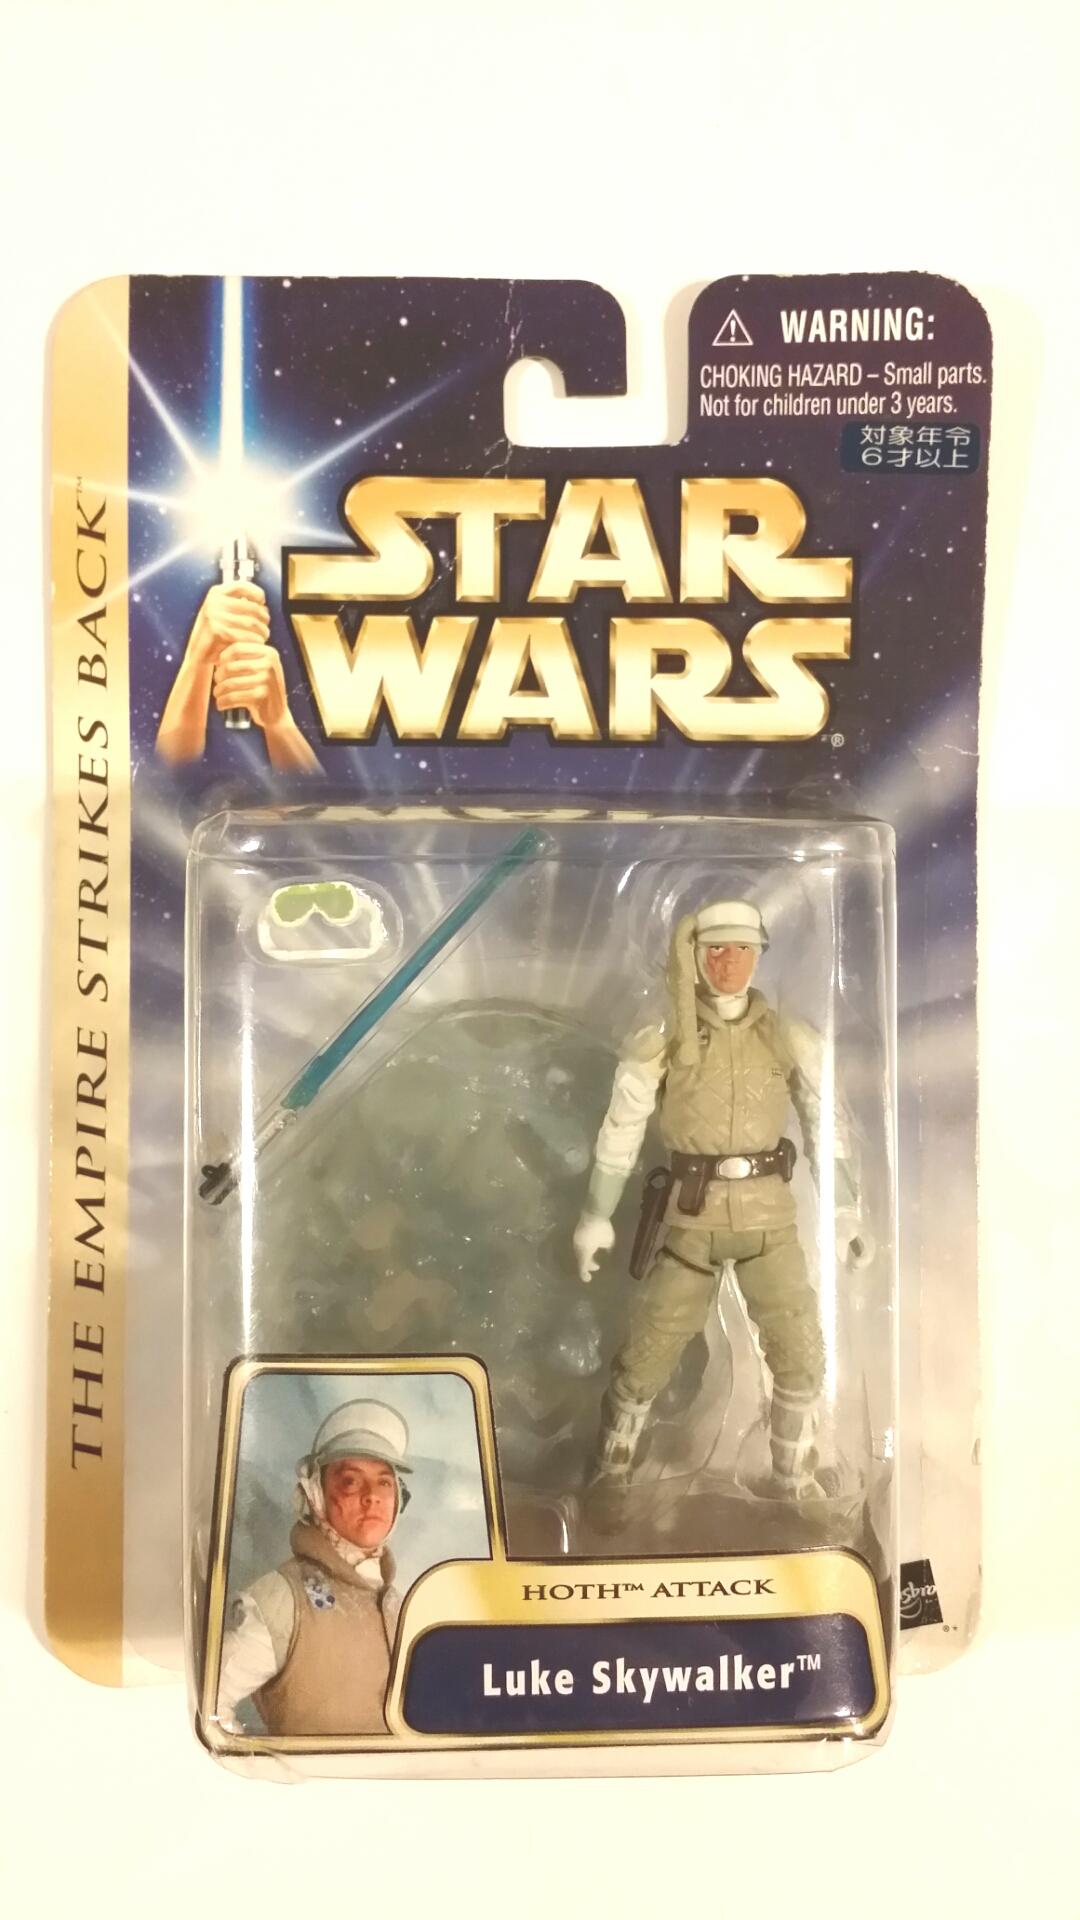 Hoth Luke Skywalker (The Empire Strikes Back) - 2003